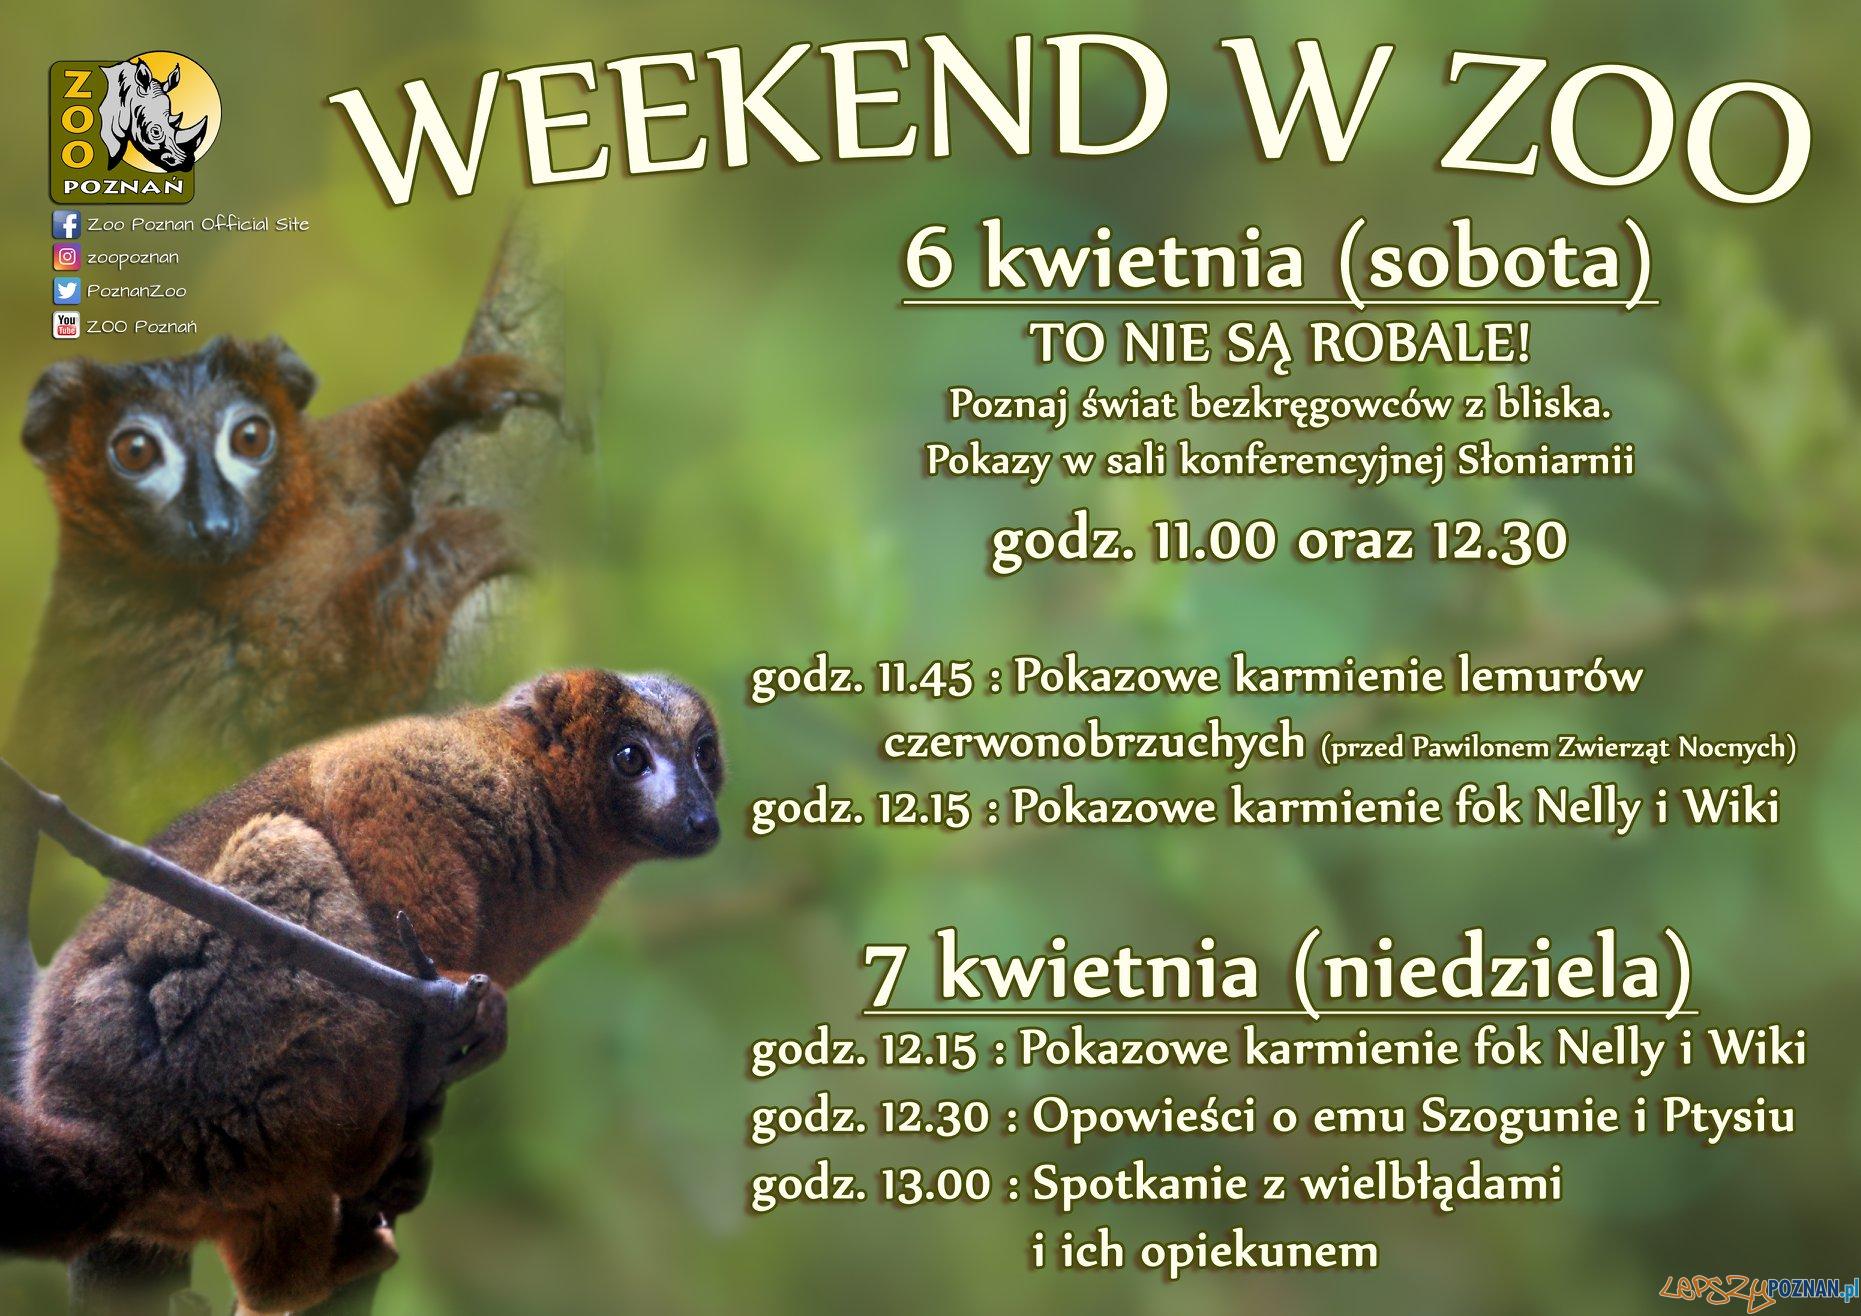 Weekend w Zoo  Foto: materiały prasowe